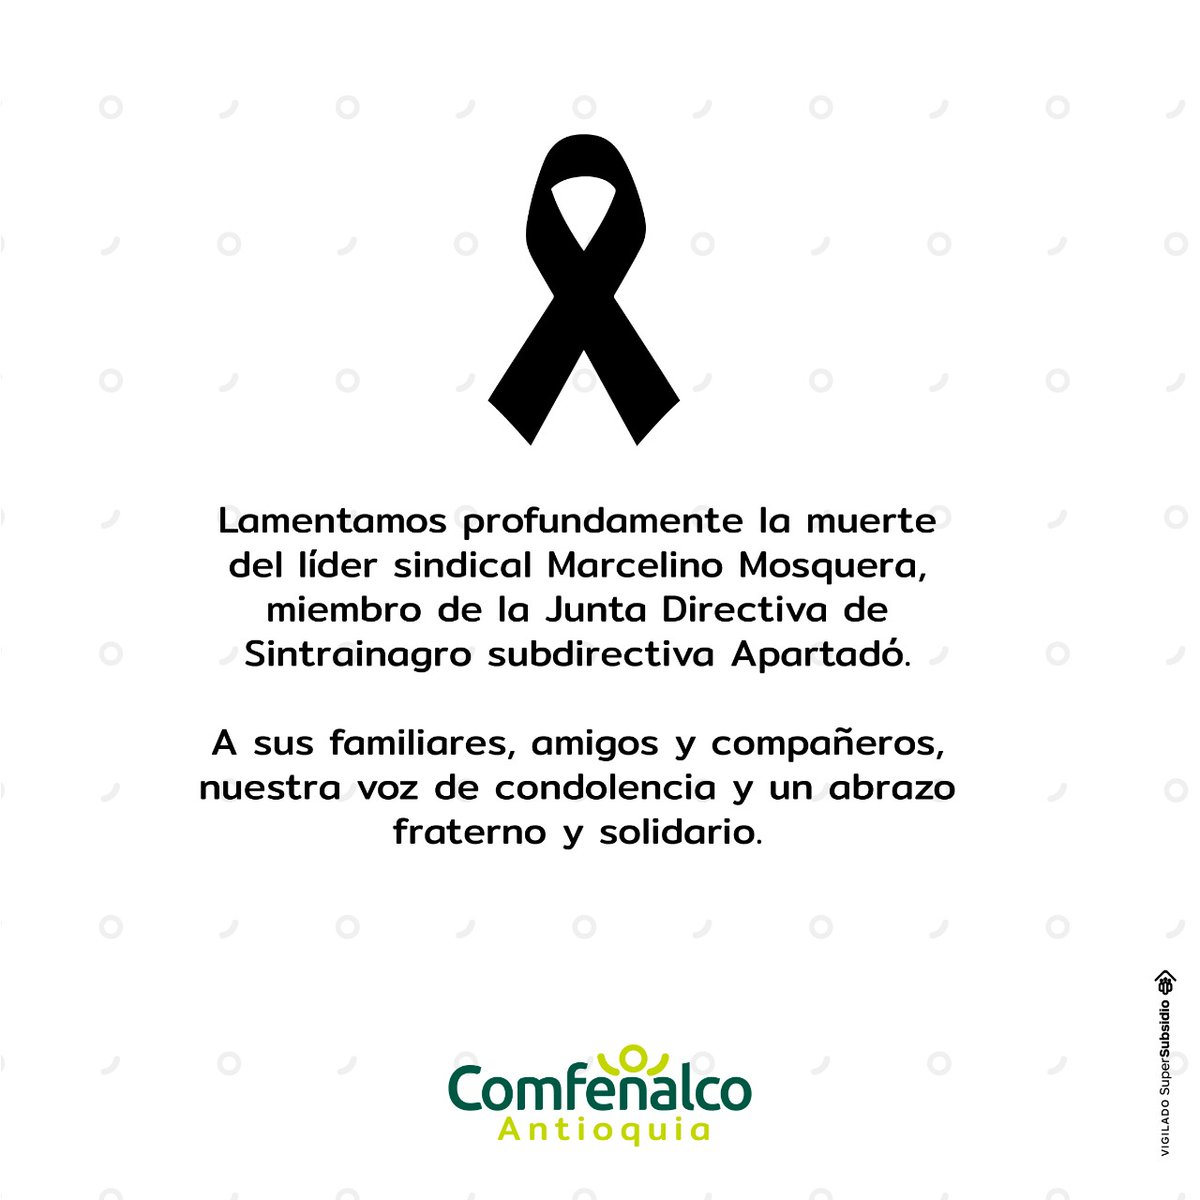 Nos unimos a la familia @SintrainagroNal, desde Comfenalco Antioquia los acompañamos en este momento y les enviamos un abrazo fraterno. https://t.co/LK2JITnrdP